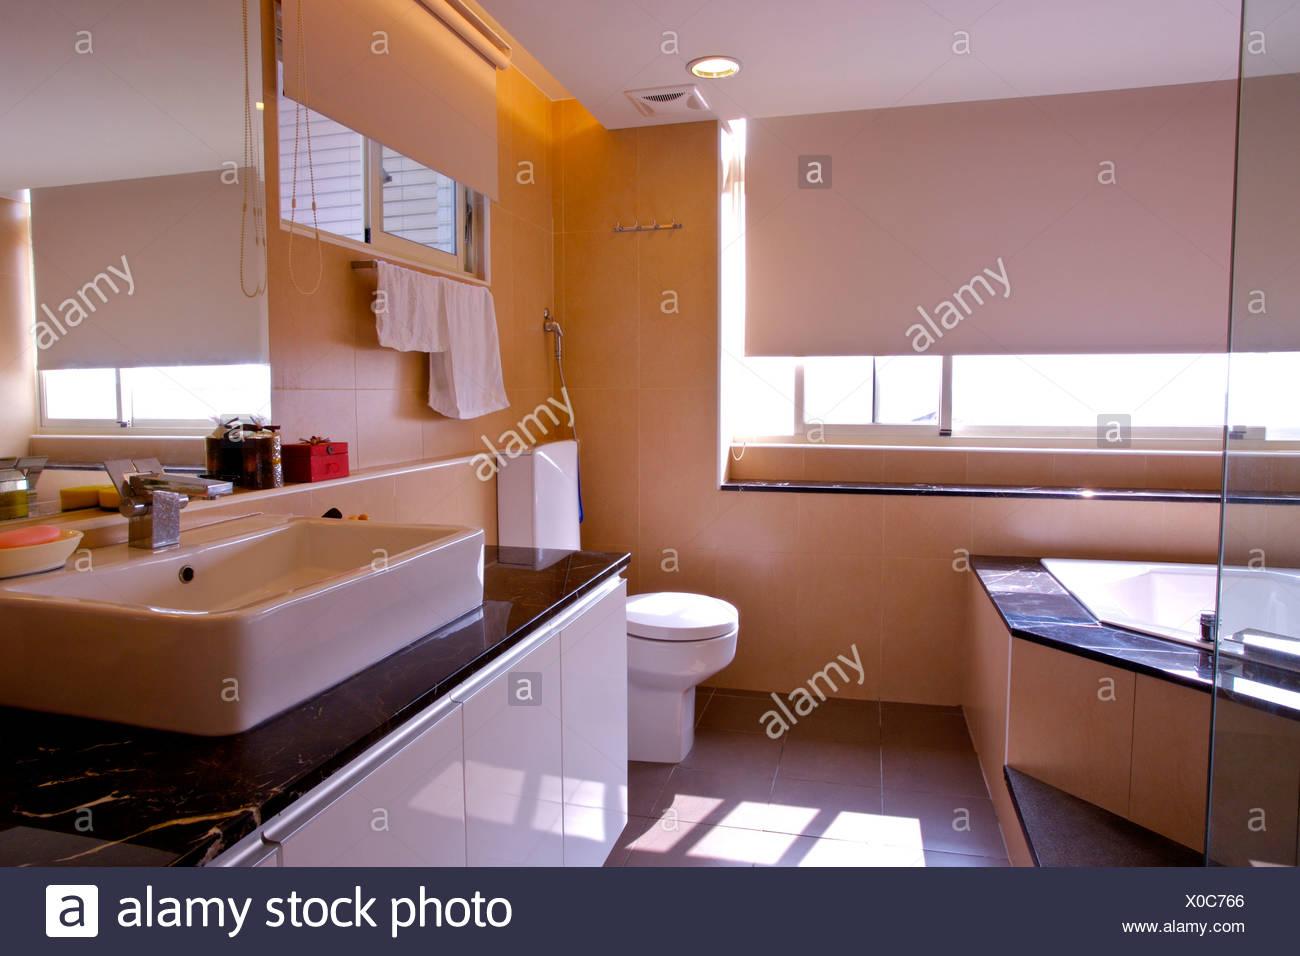 Vasche Da Bagno Stile Moderno : Stile moderno bagno con wc e vasca da bagno foto & immagine stock